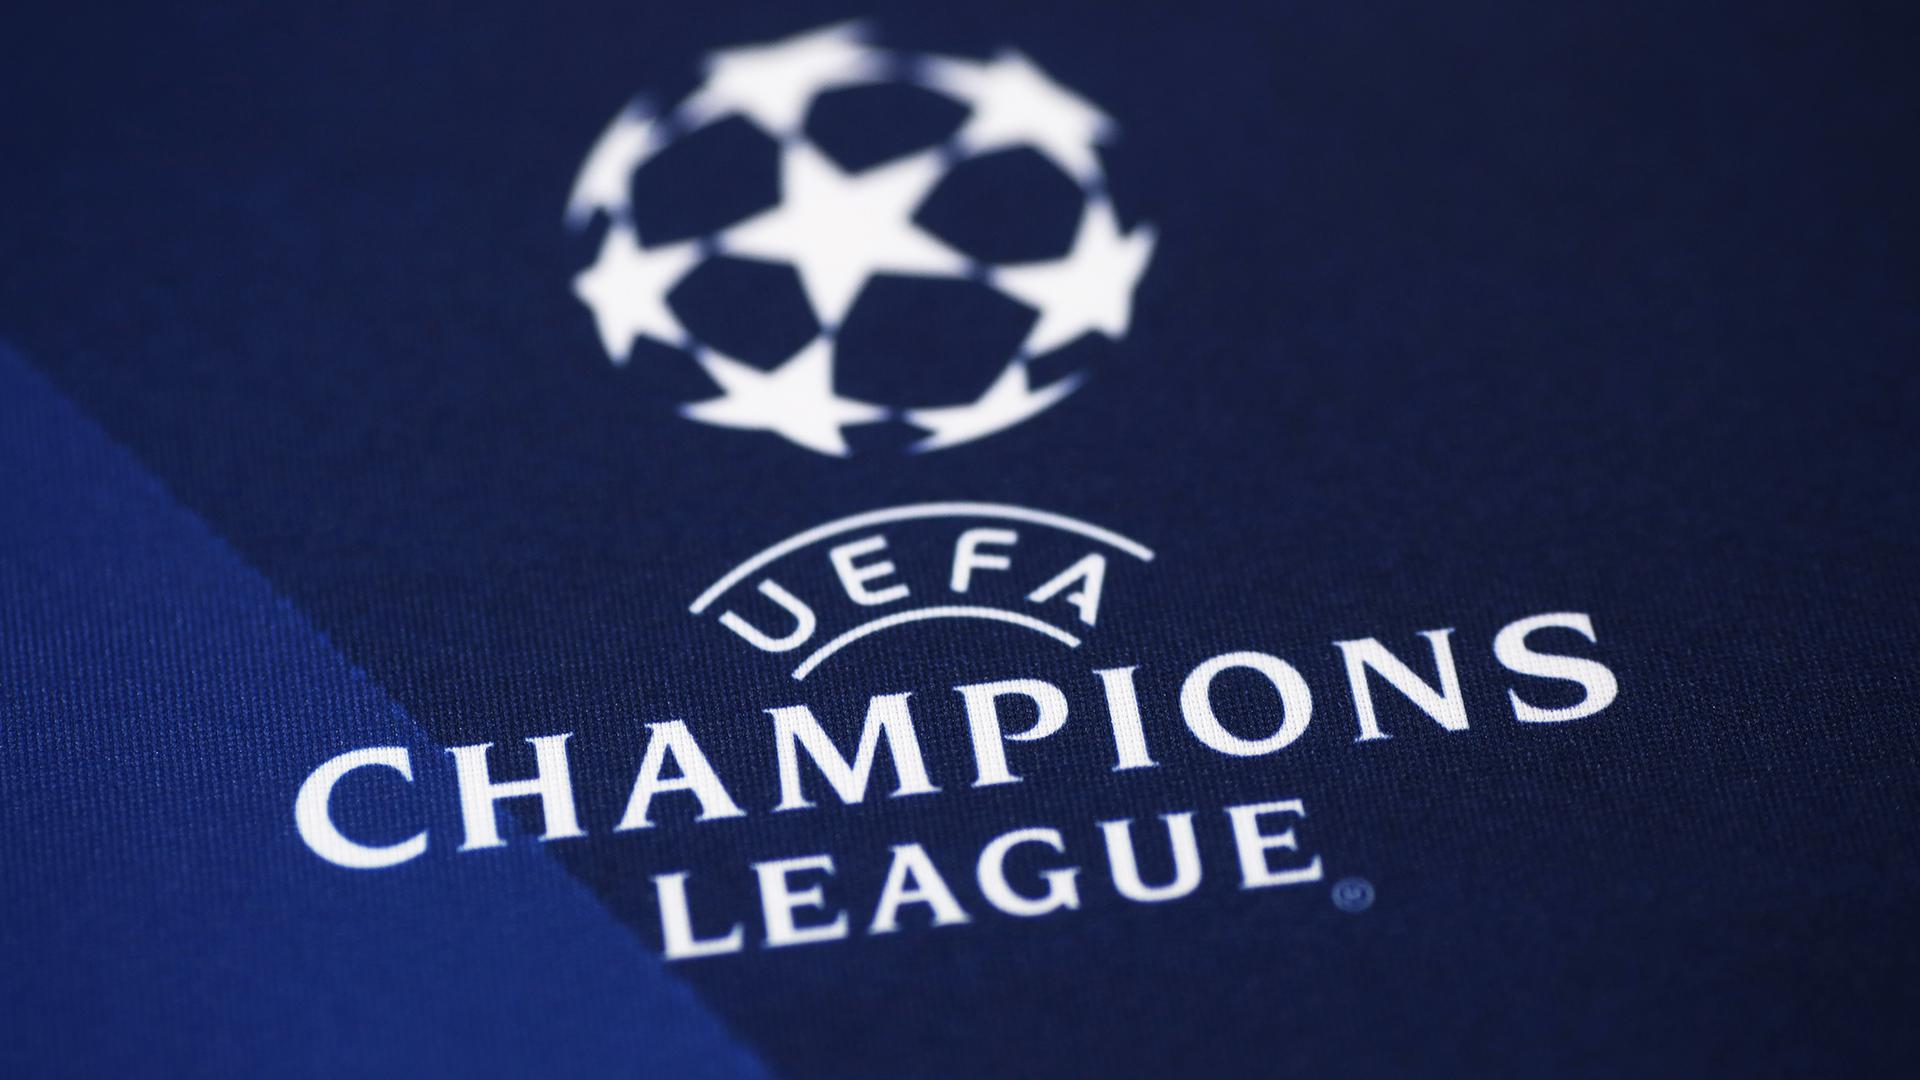 欧冠23支球队确定分档 英超3支一档队